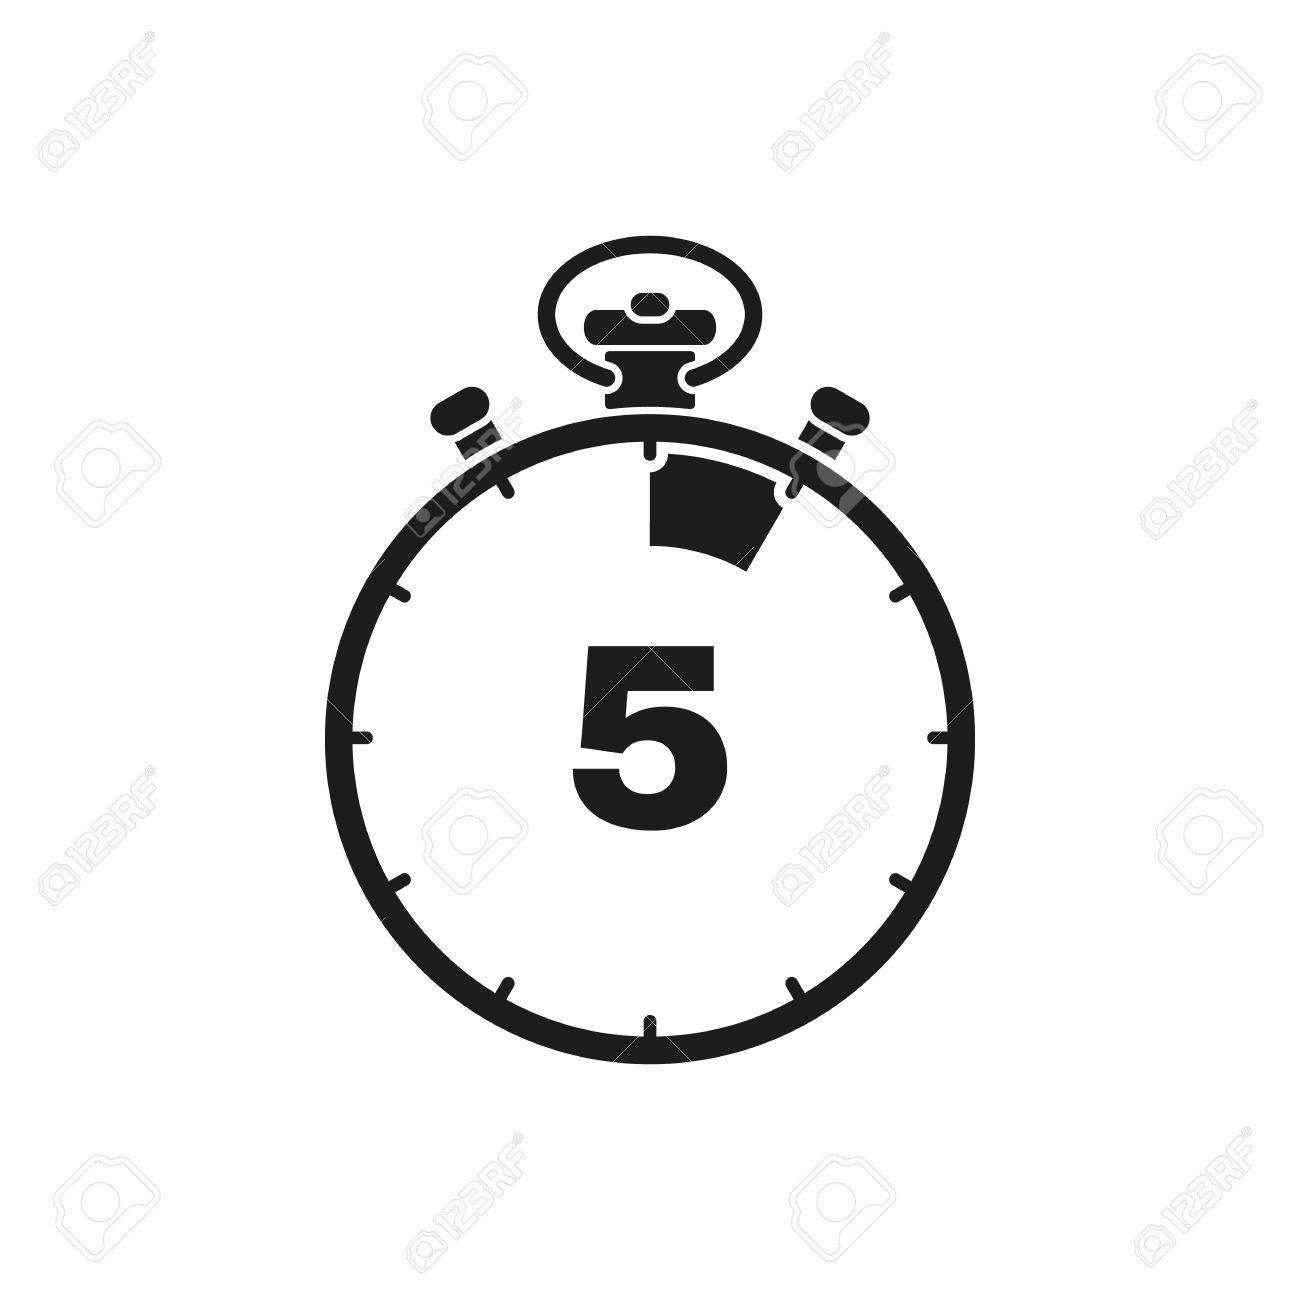 Cuenta PlanoAppStock IconoReloj 5 SegundosMinutos De El Los Cronómetro RelojTemporizadorSímbolo Y AtrásUiWebFirmarDiseño 80mnNwOv